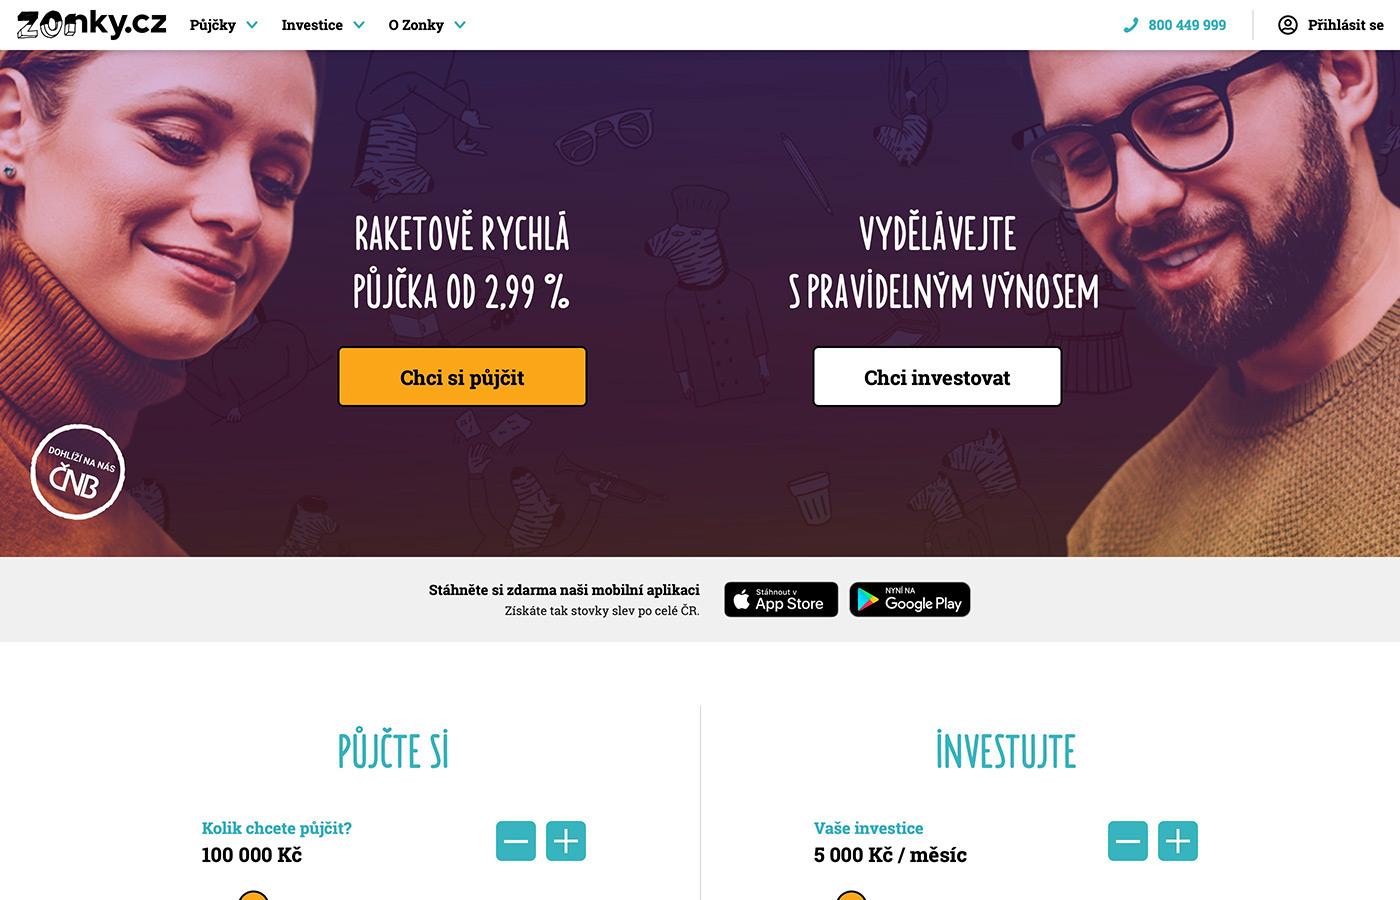 Náhled webových stránek www.zonky.cz